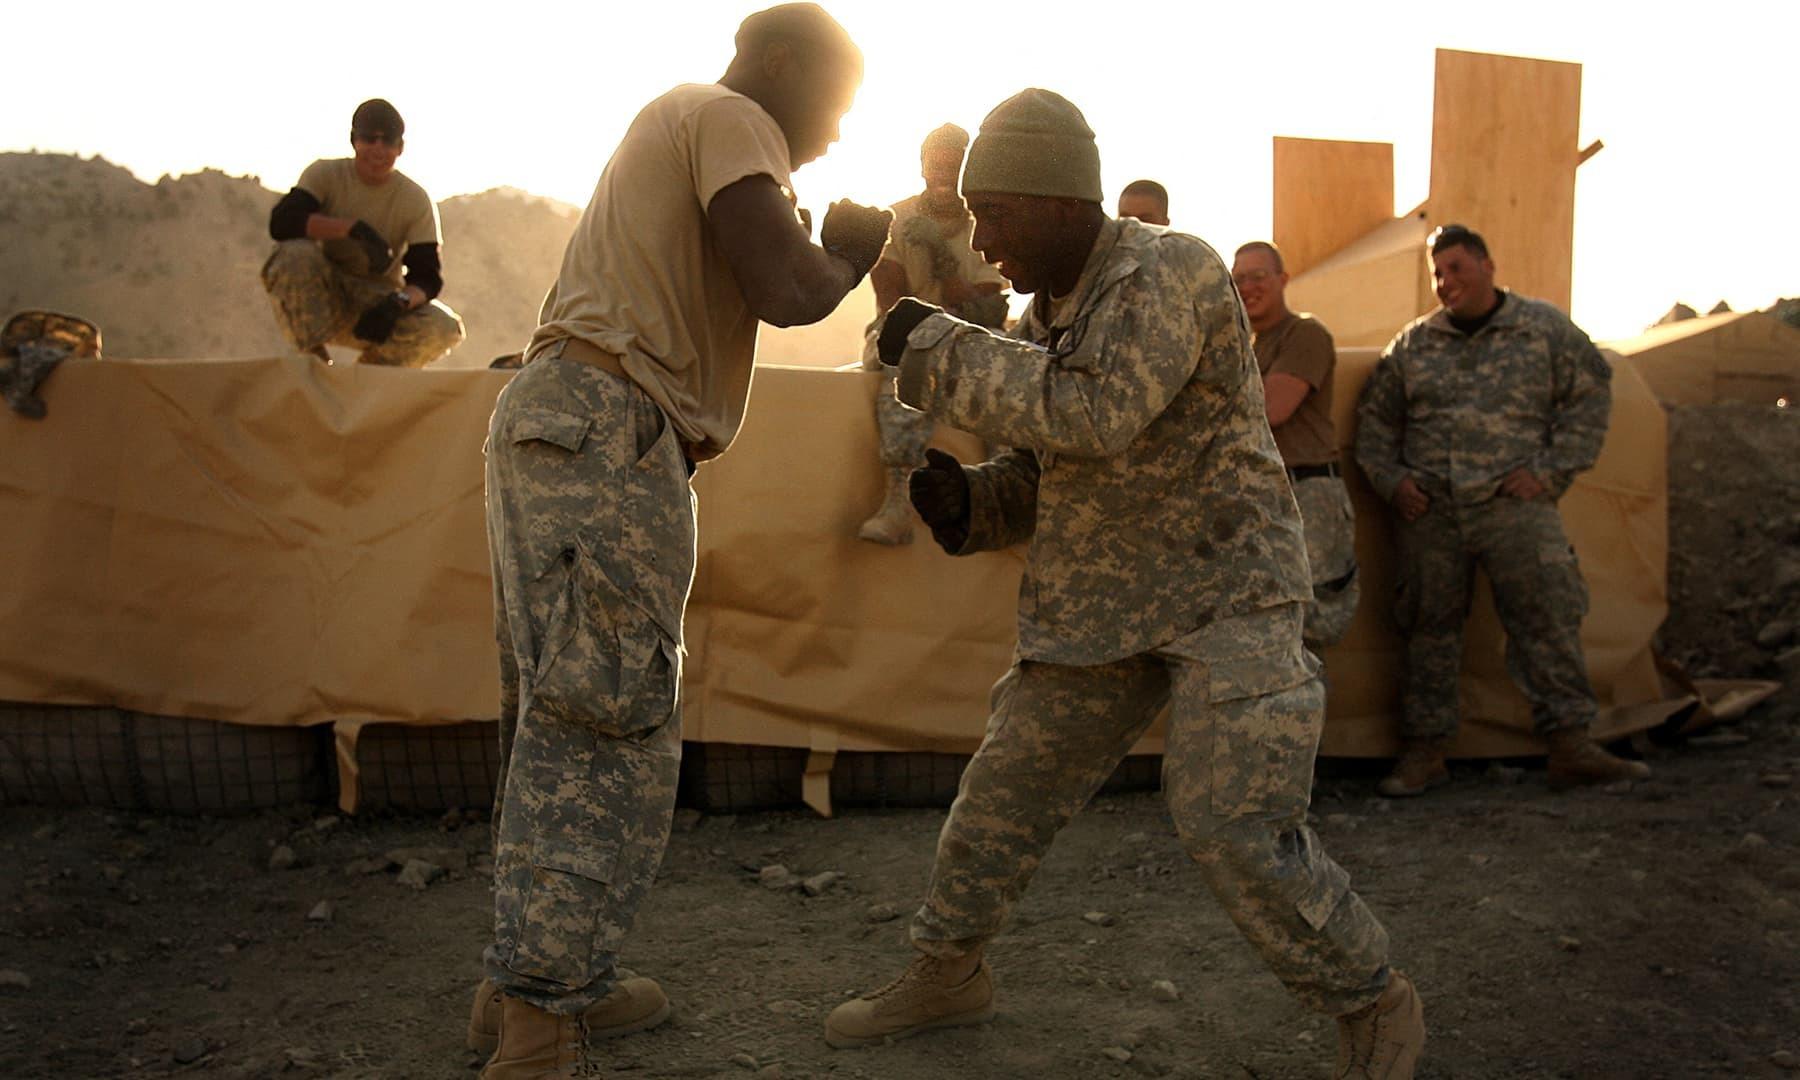 امریکی فوجی صوبہ پکتیا میں 26 نومبر 2006 کو تربیت میں مصروف ہیں—فائل/فوٹو:اے ایف پی